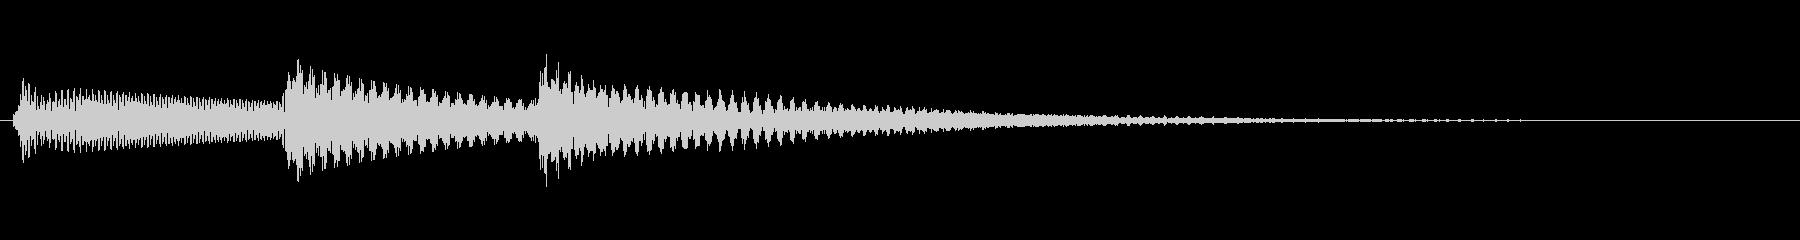 決定音 チャラランの未再生の波形